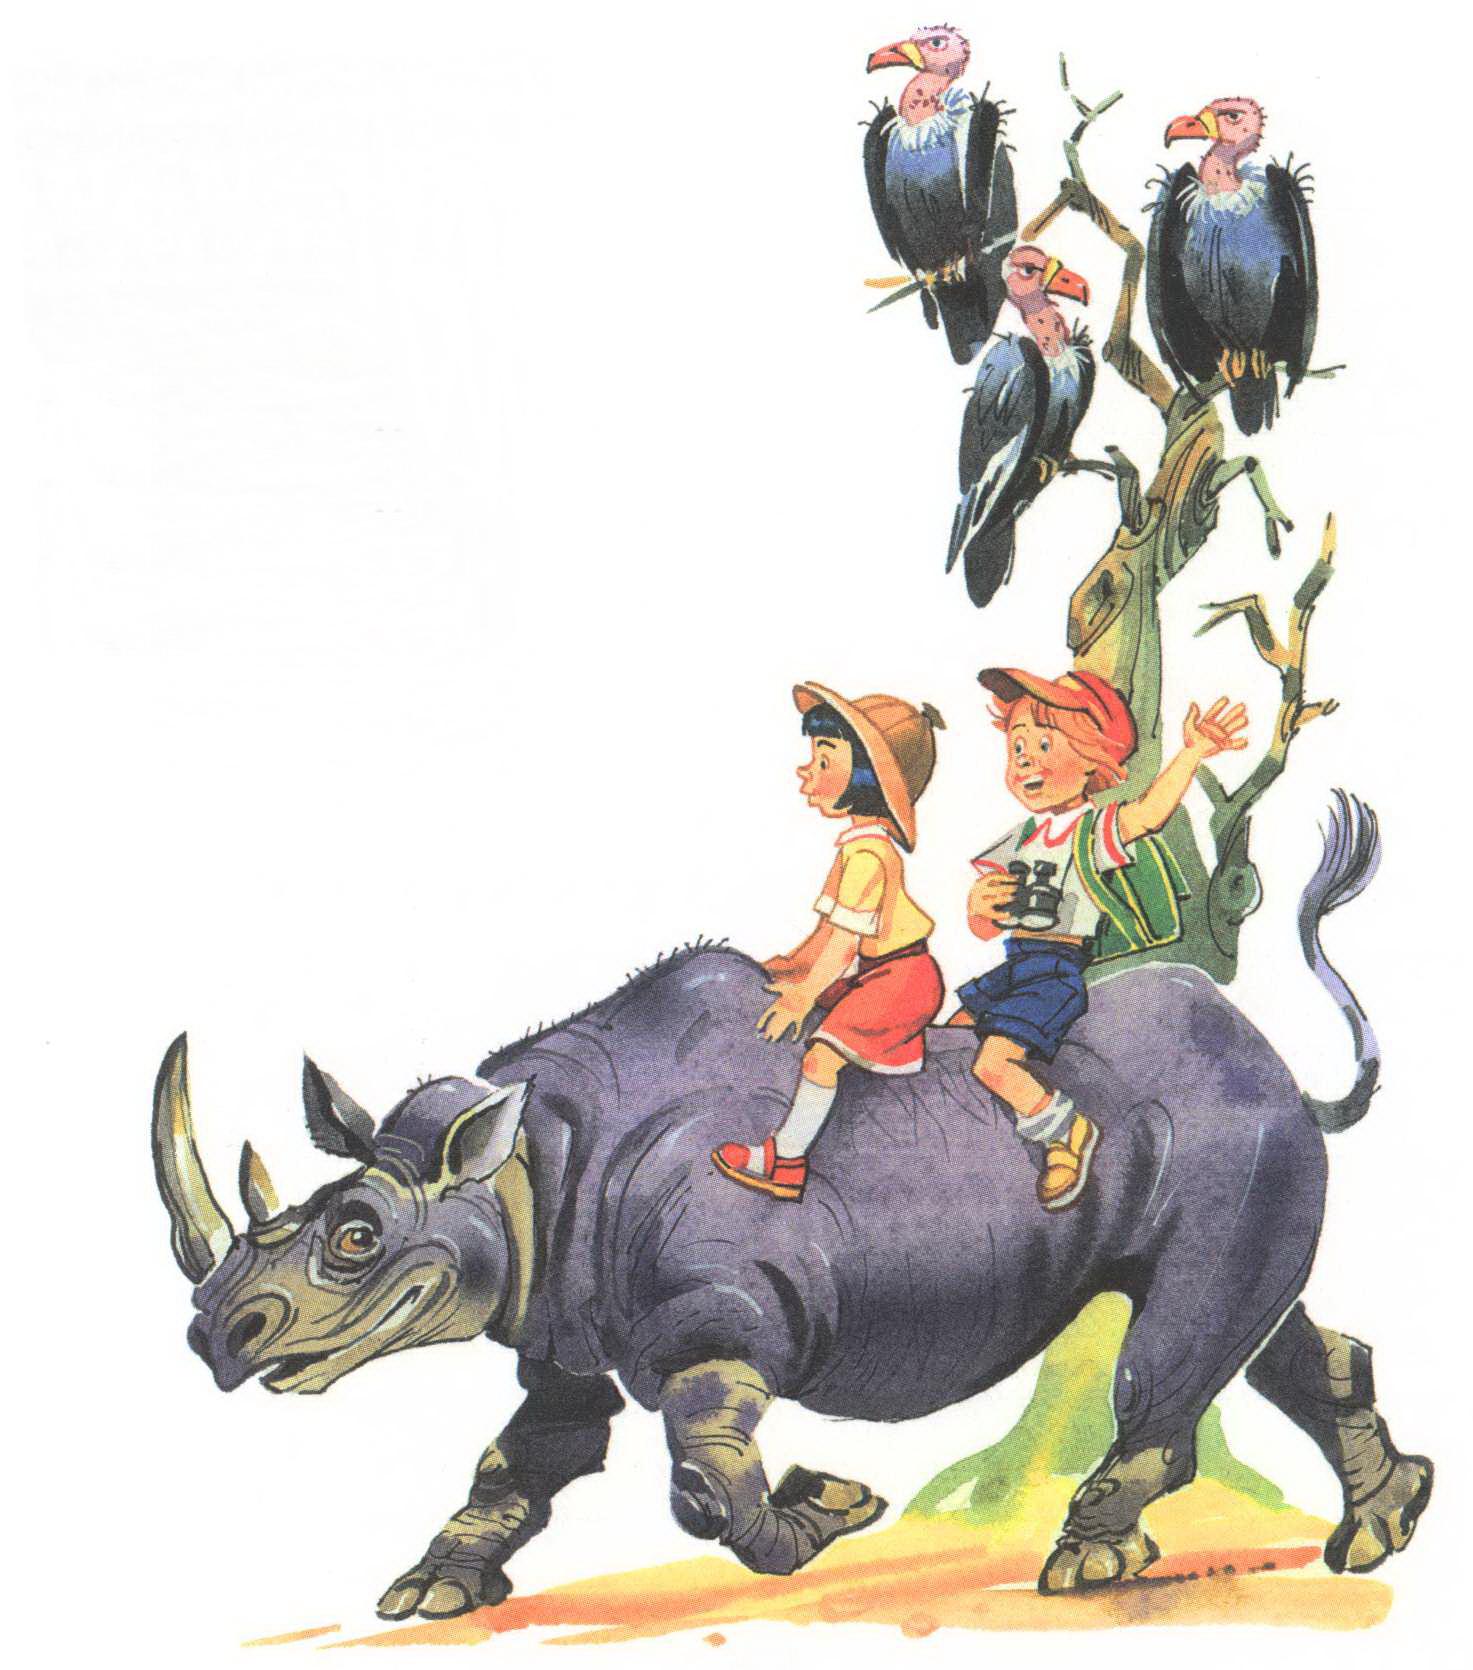 Иллюстрация к Бармалею Чуковского